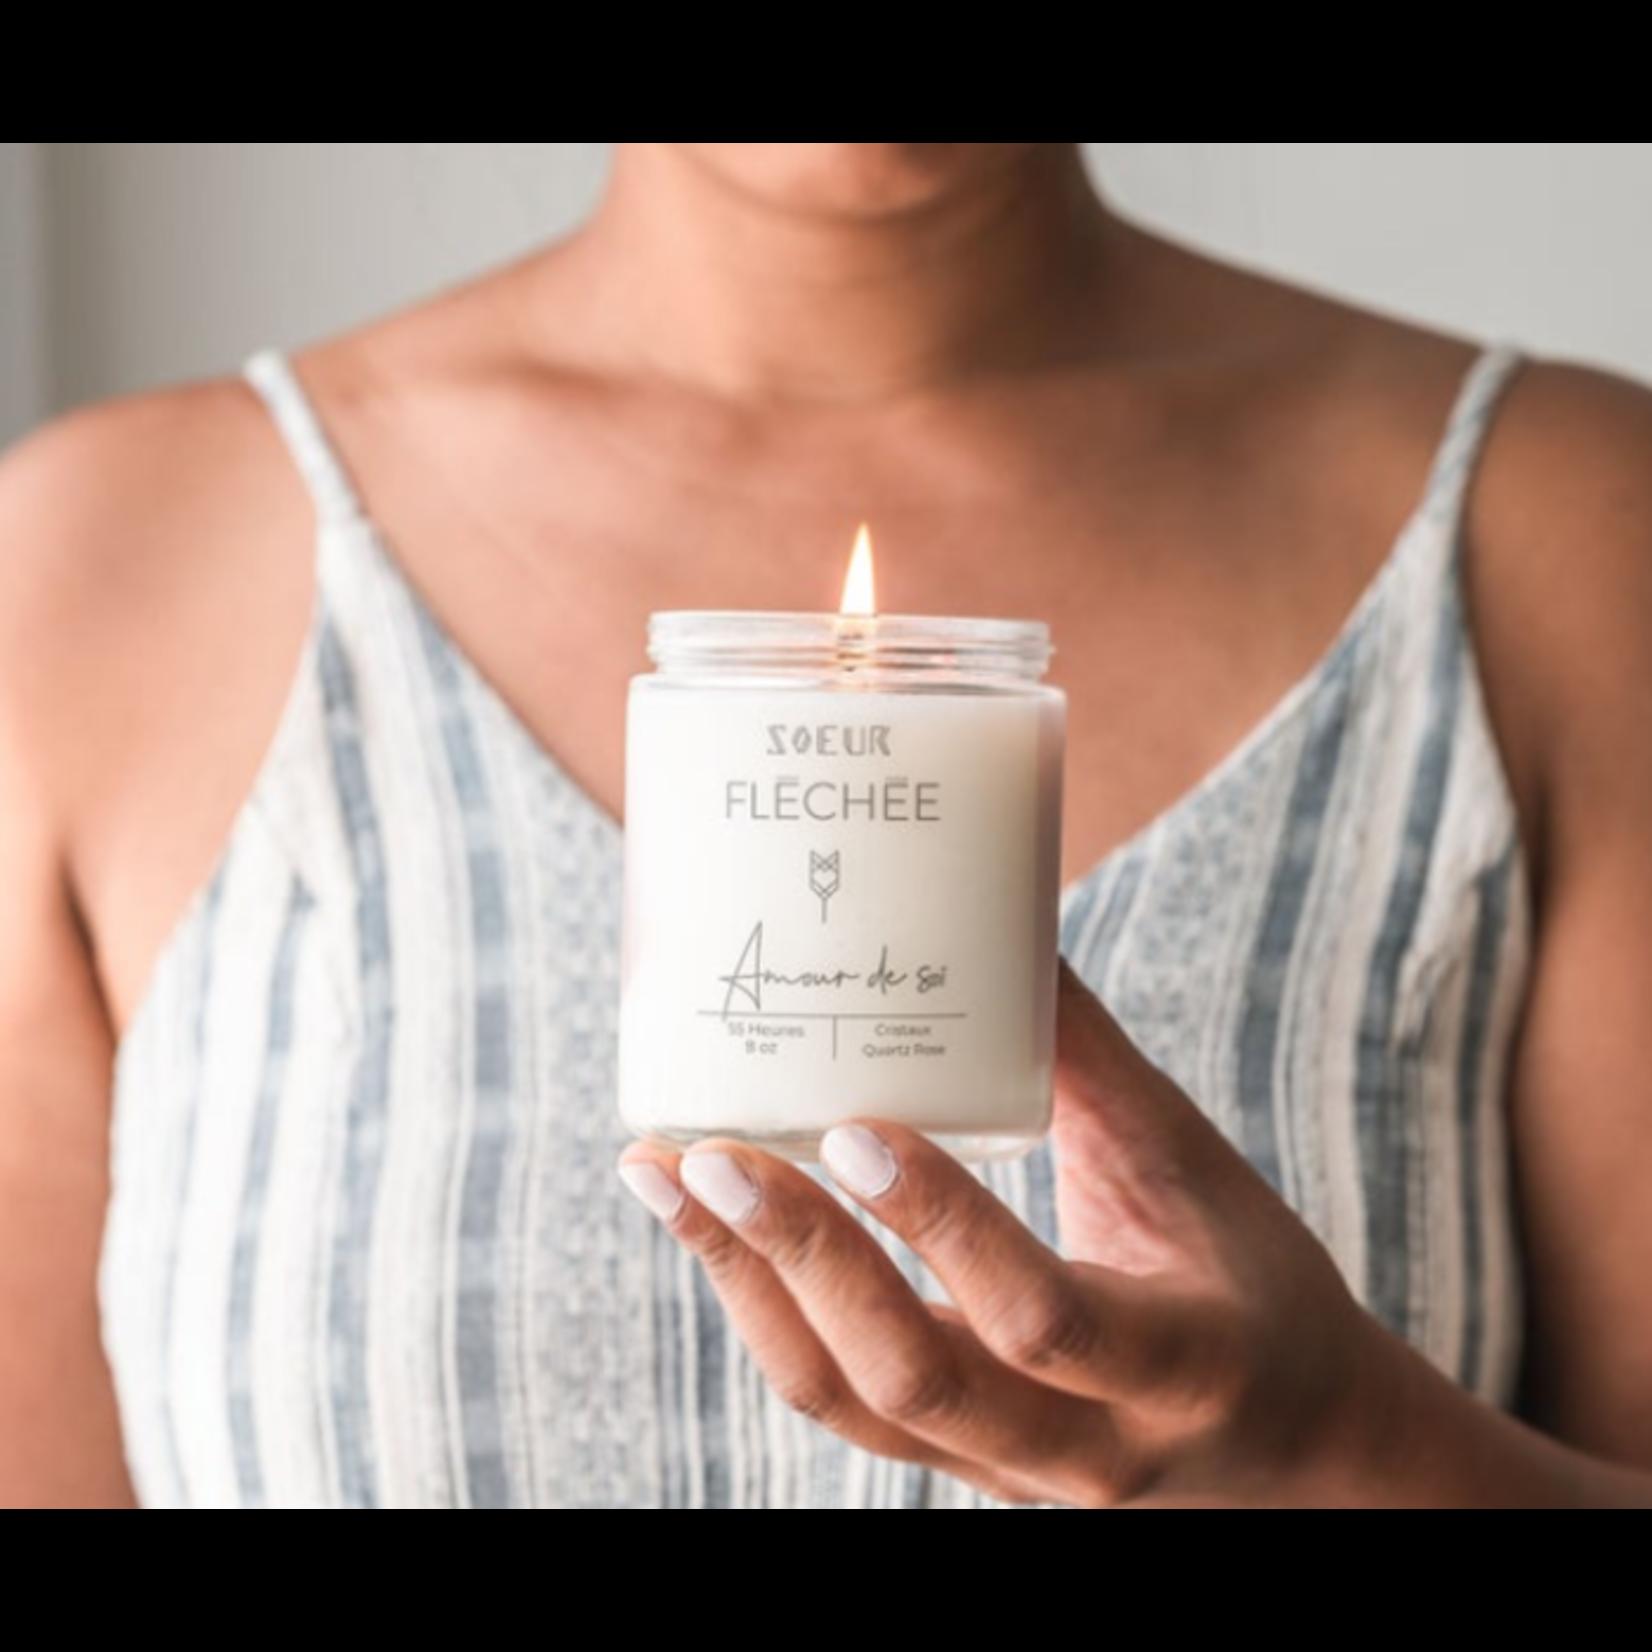 Soeur Fléchée Soeur fléchée - Self love candle 8oz